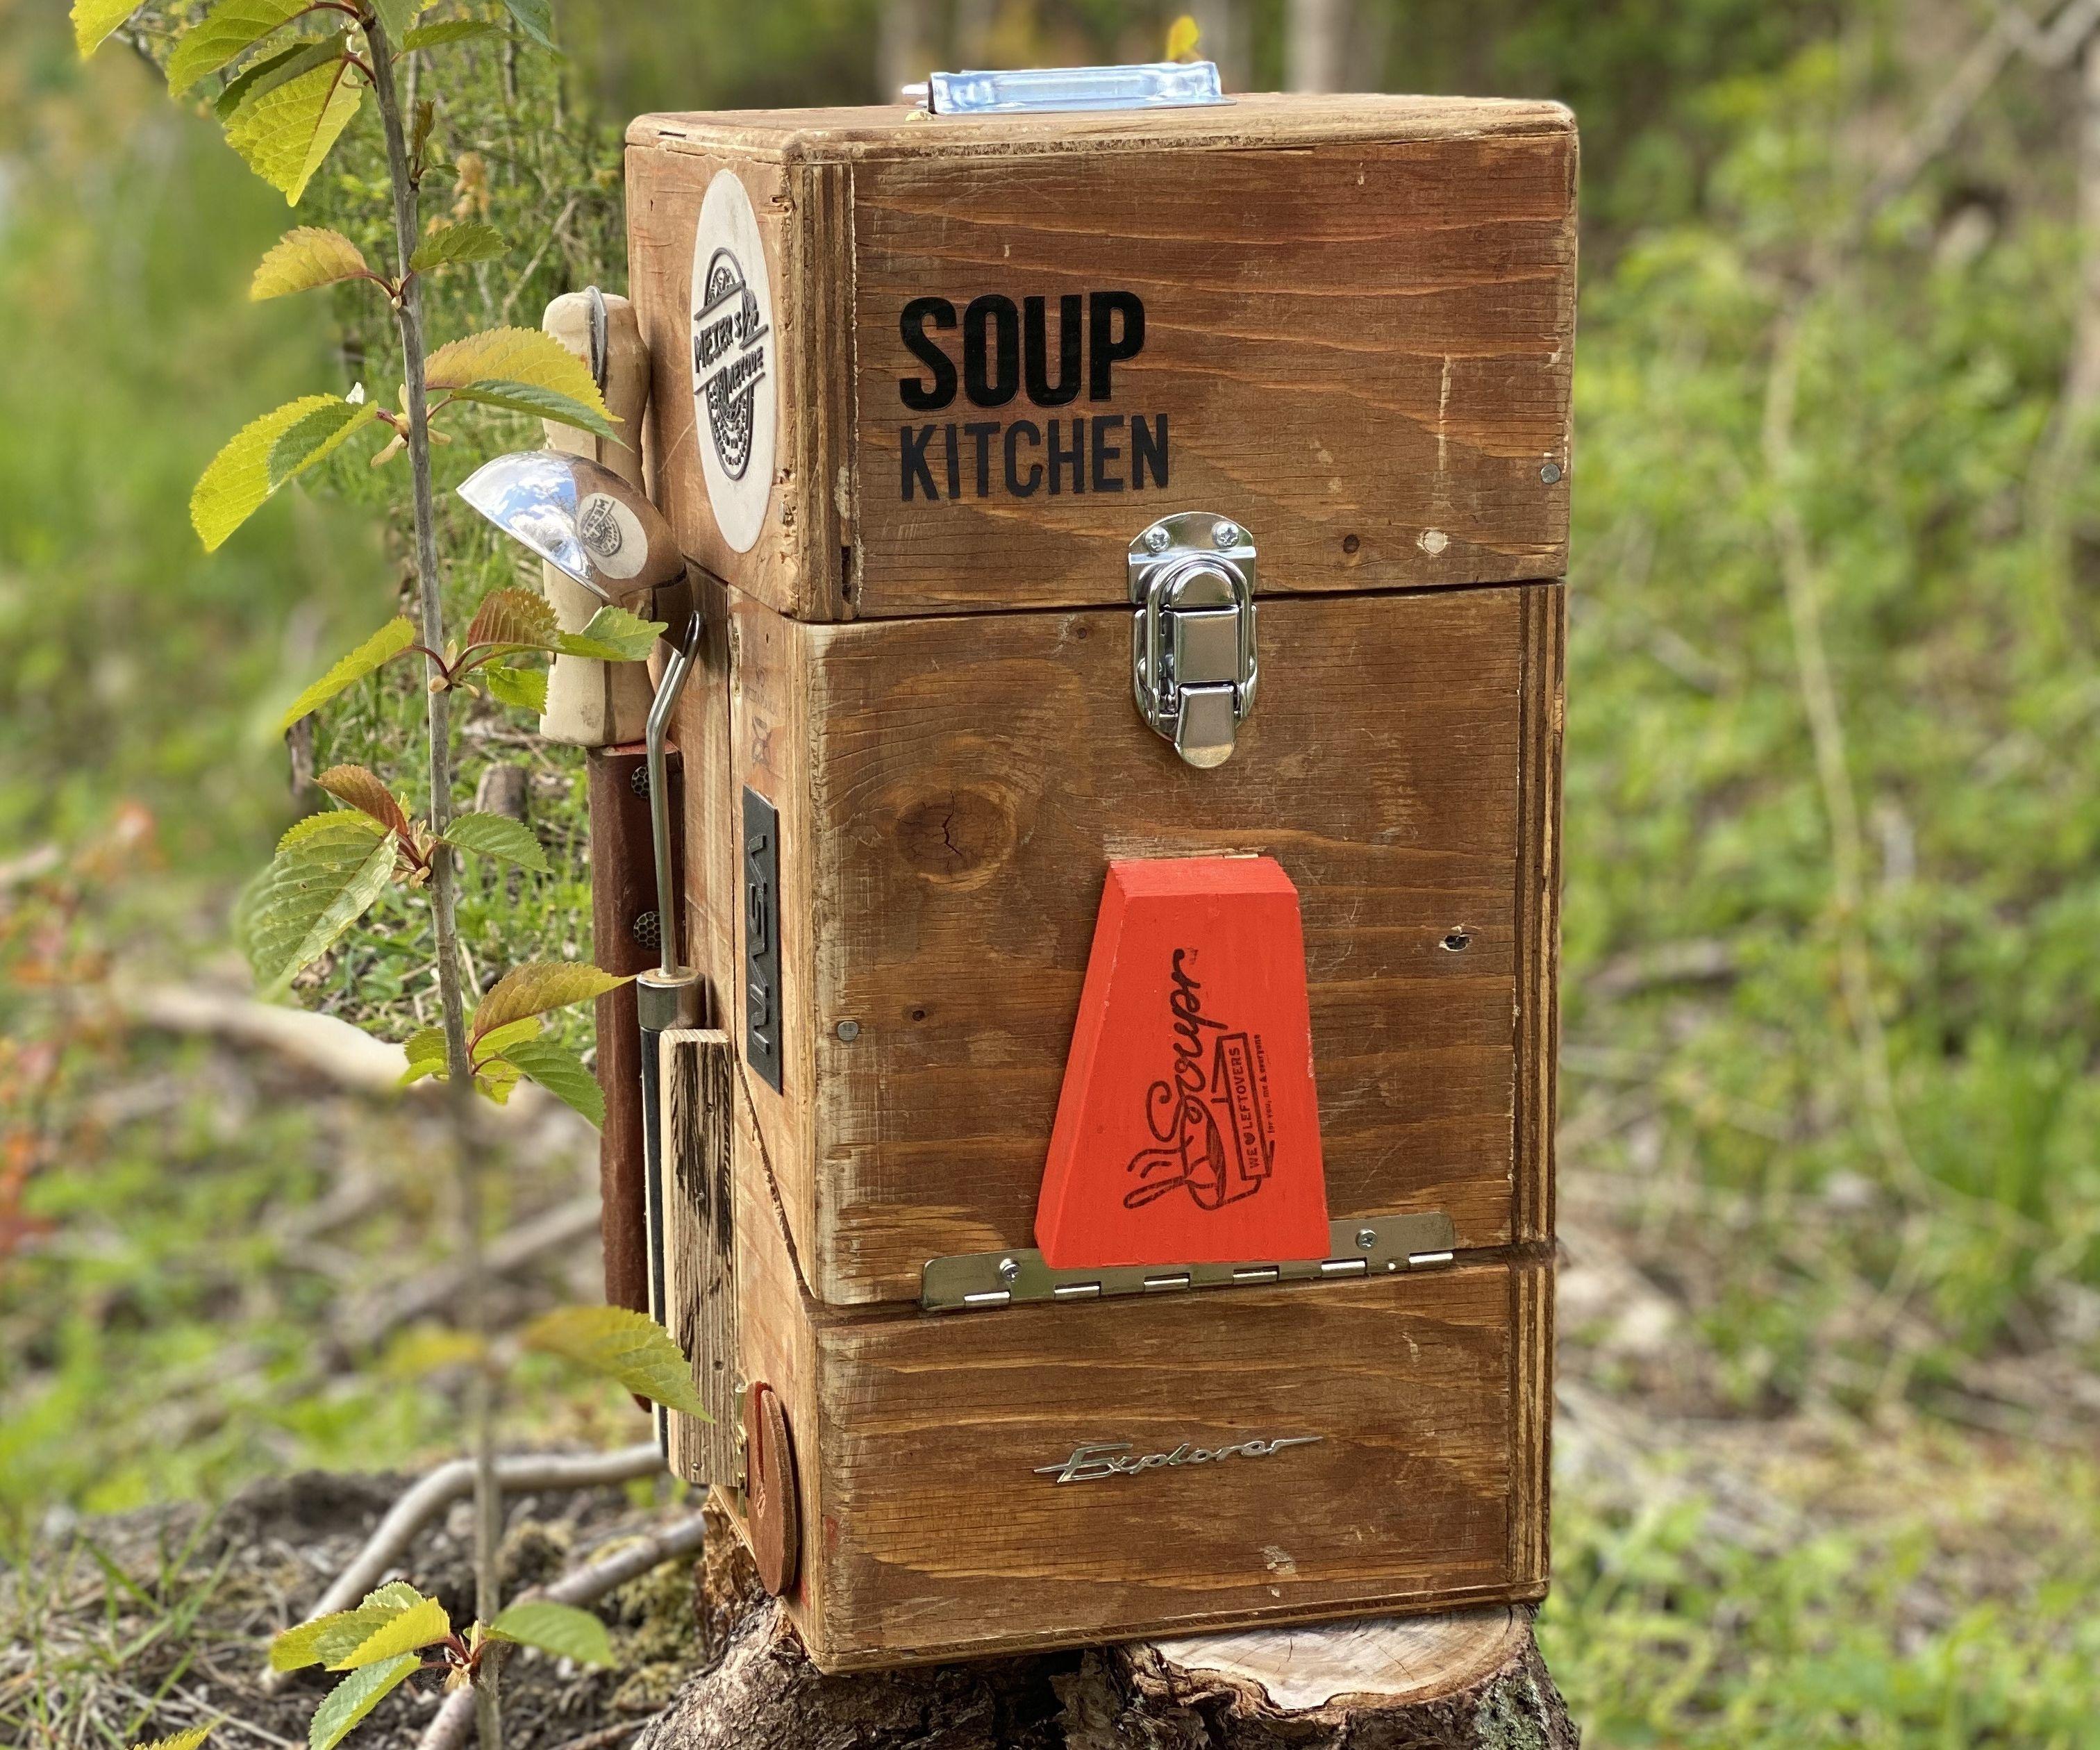 Tiny Soup Kitchen